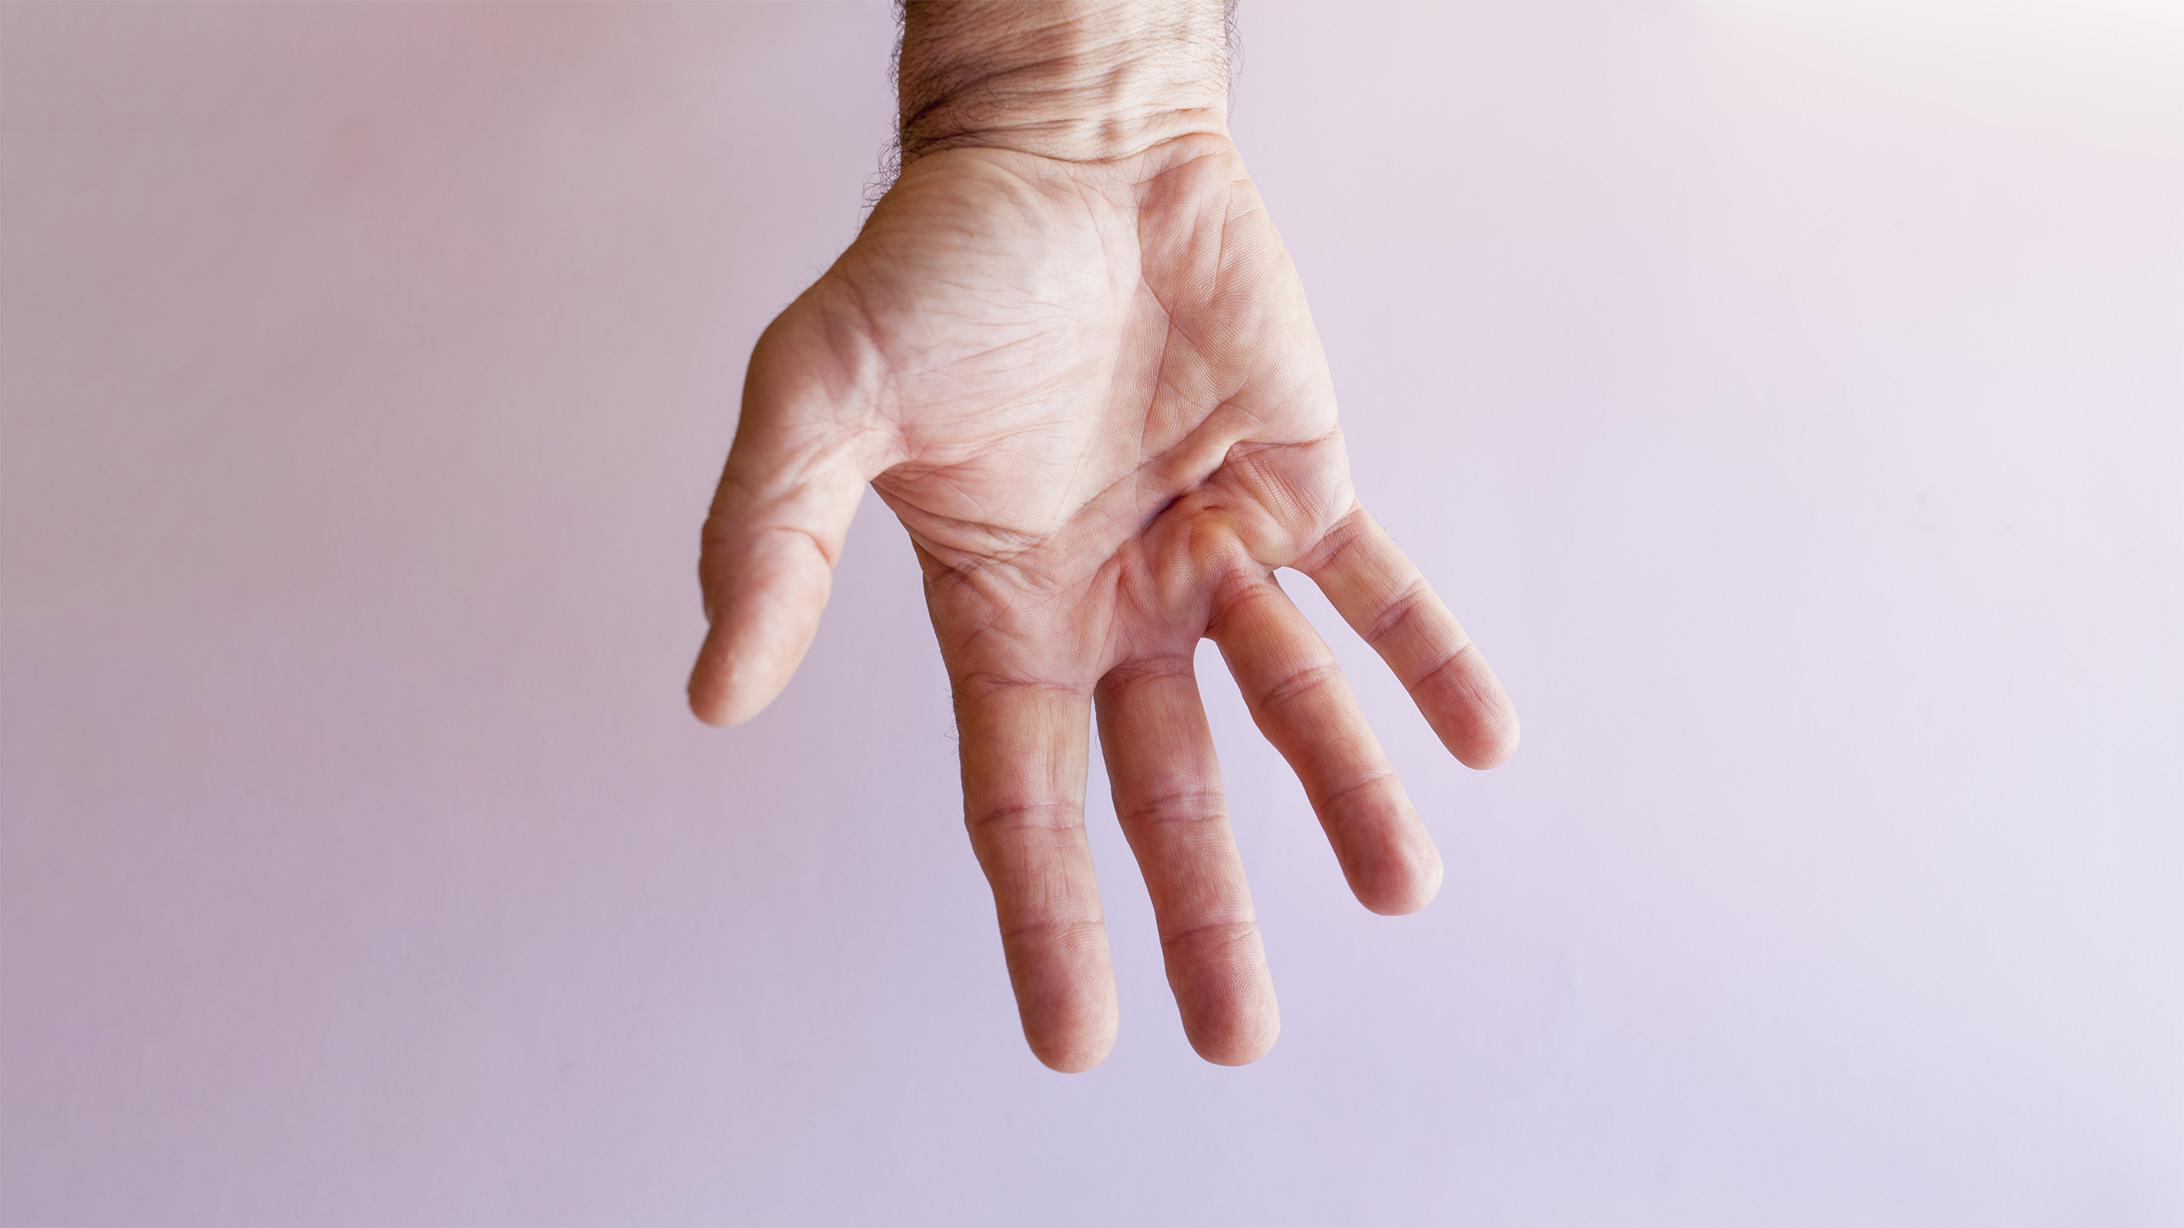 Bild einer männlichen Hand